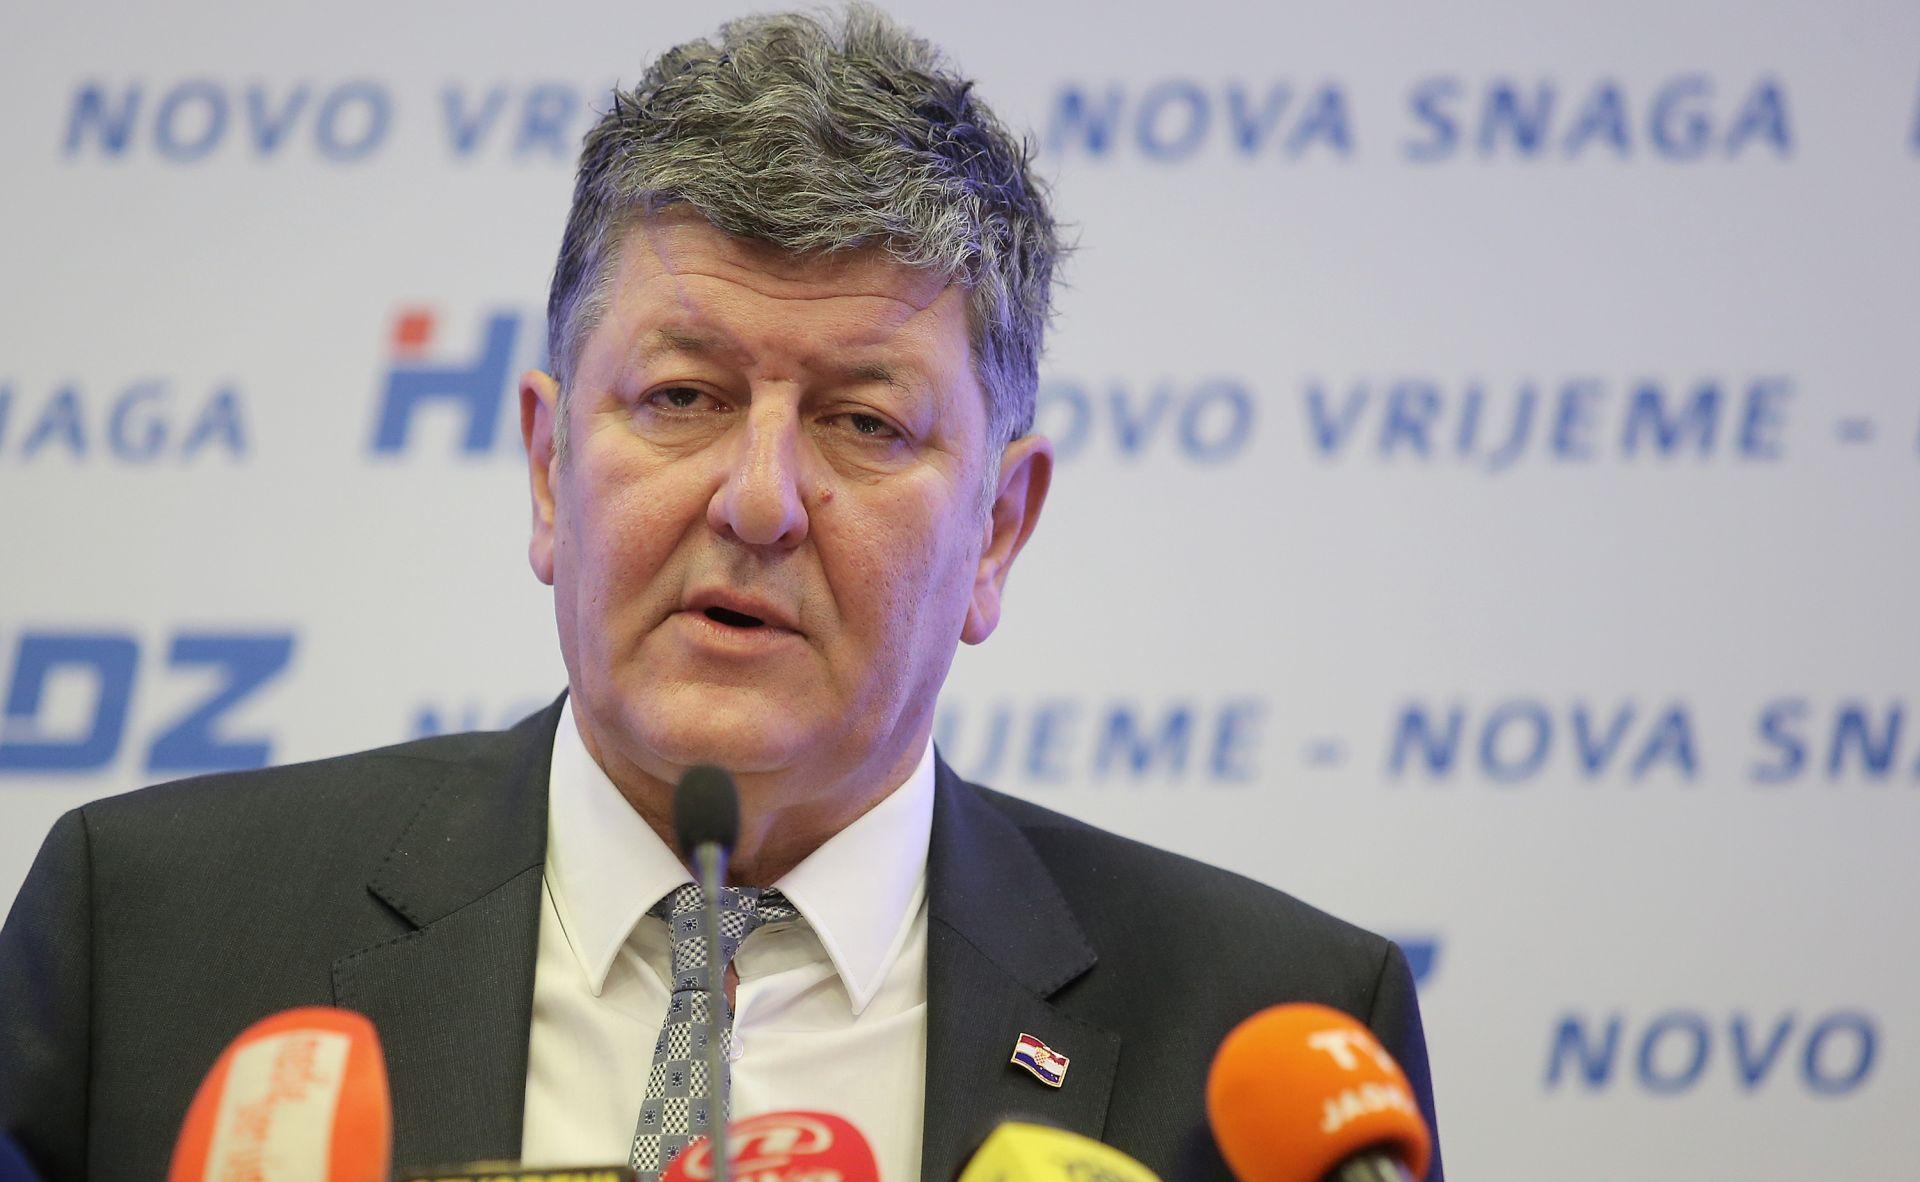 """'ODUSTAO OD SVEGA' Ante Ćorušić podnio ostavku: """"Prilika ću u životu još imati, ali čast ne smijem izgubiti"""""""